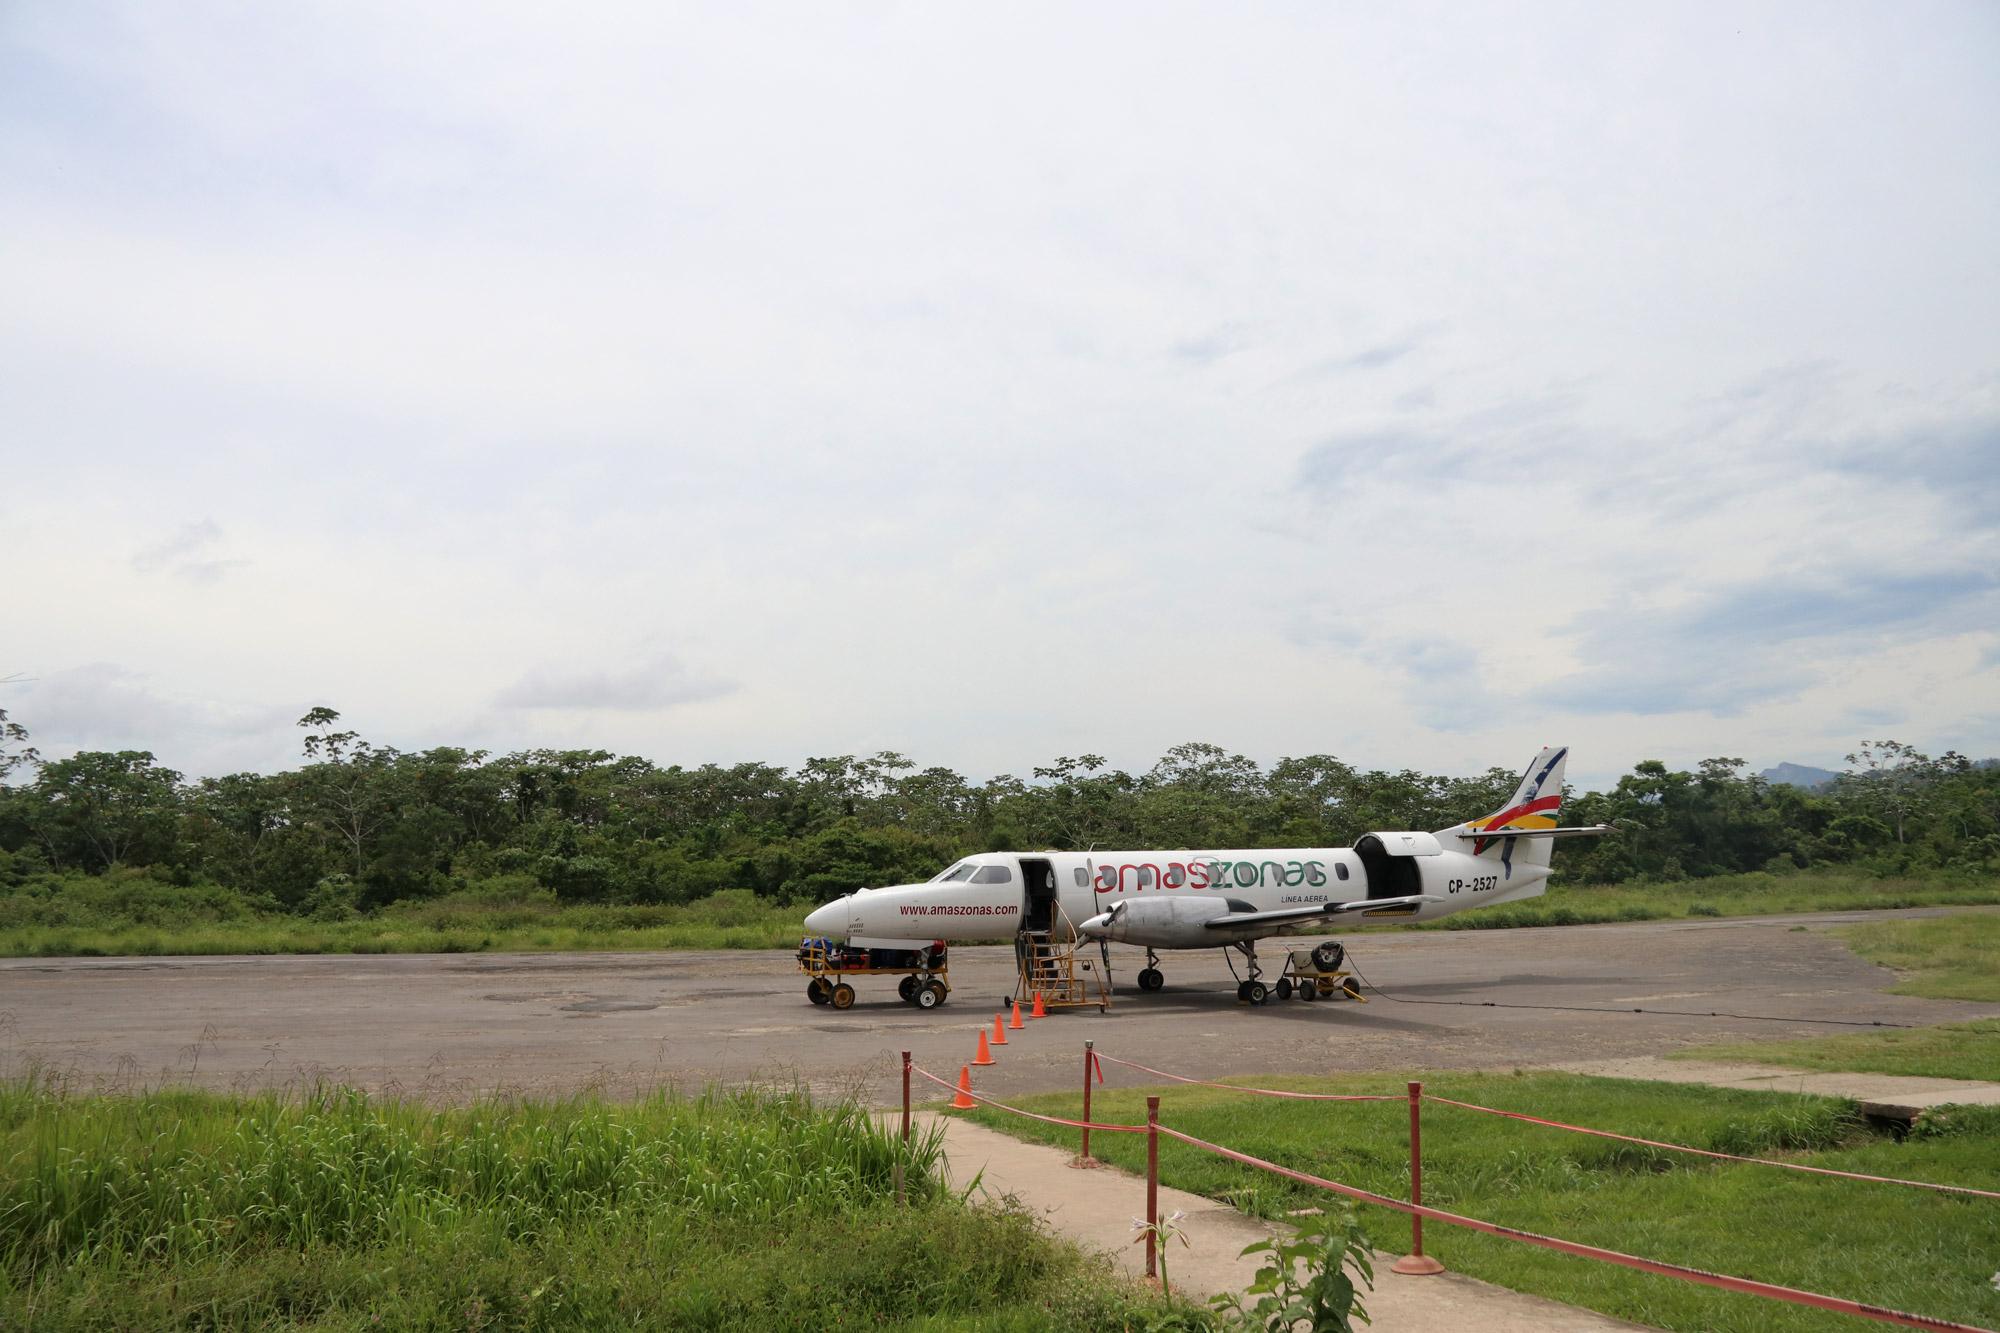 handige tips voor een Bolivia reis - Vliegen is het snelst